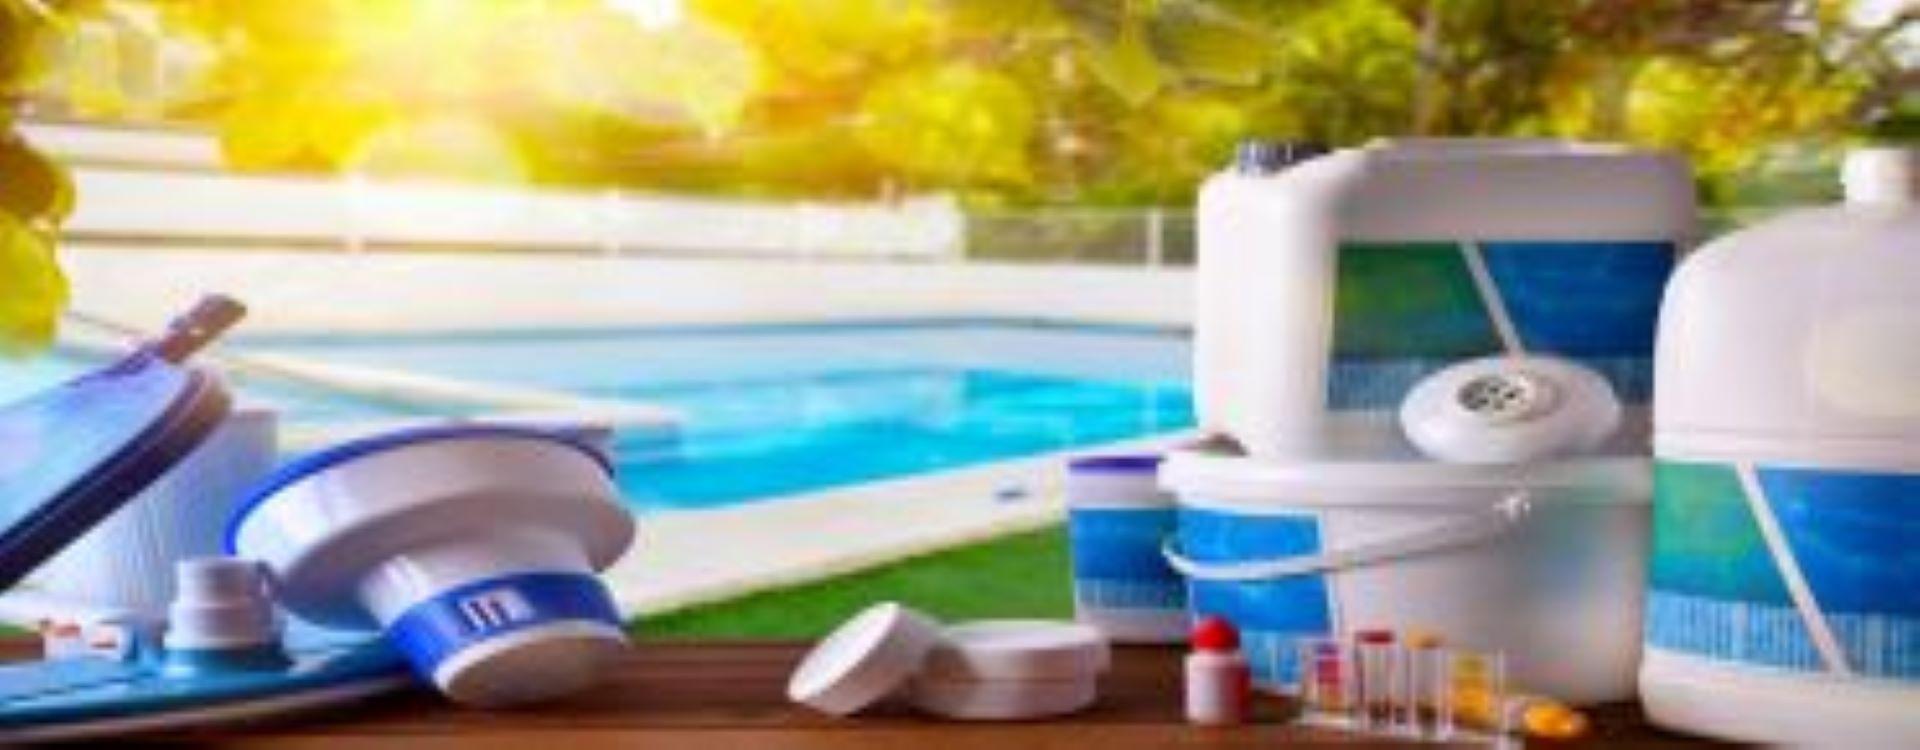 Comment corriger le pH de sa piscine - Savoir doser le pH moins et le ph plus